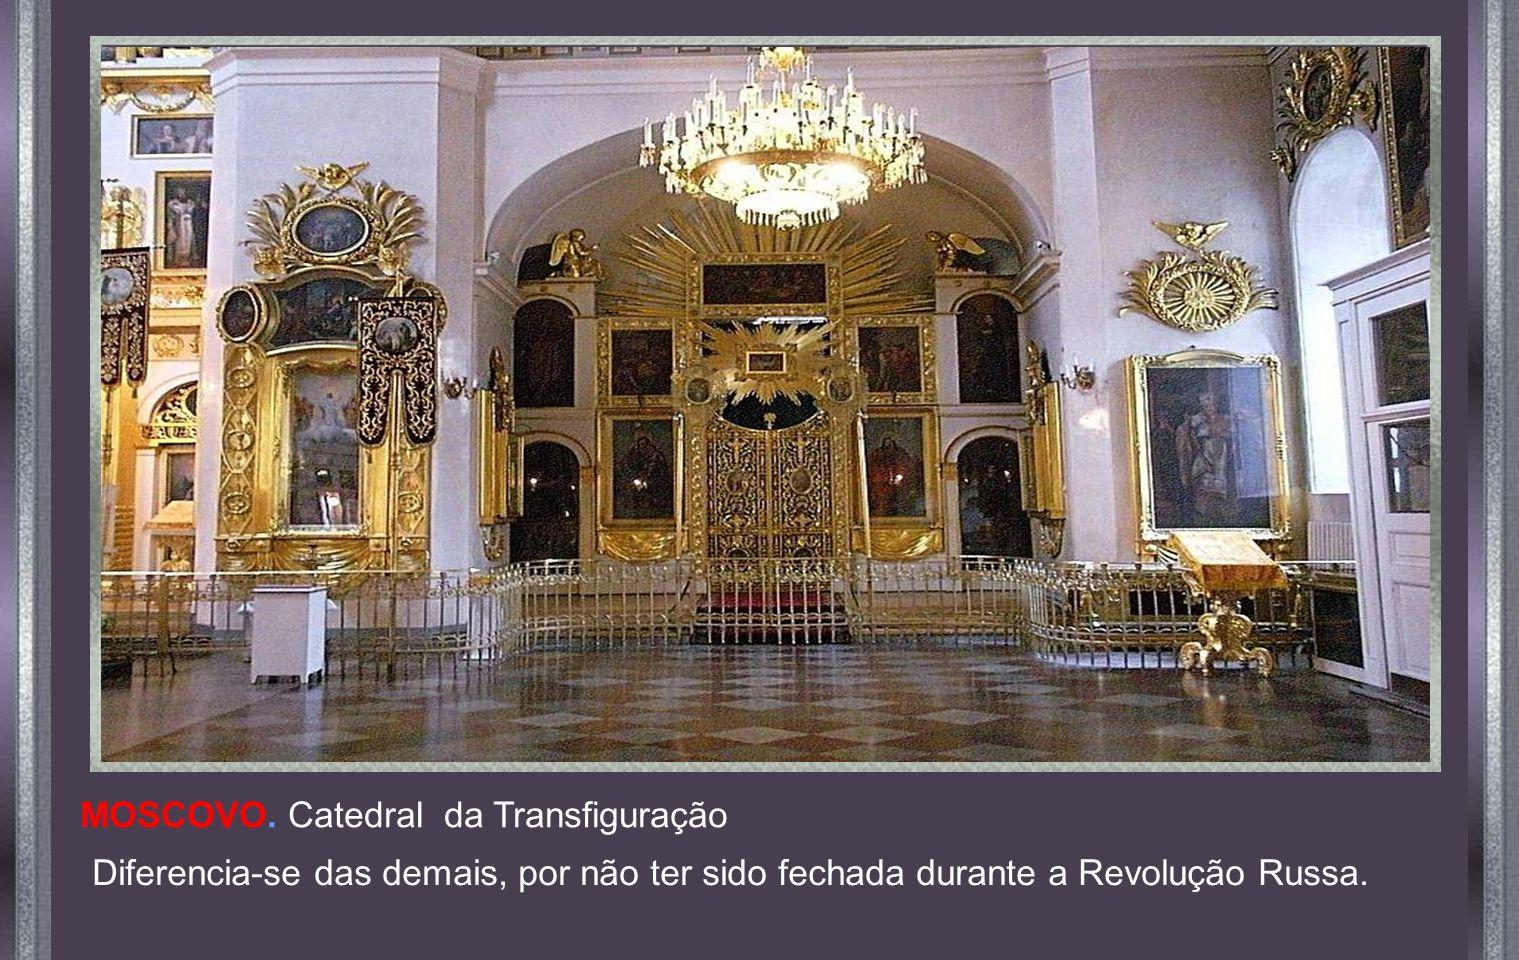 MOSCOVO. Catedral da Transfiguração